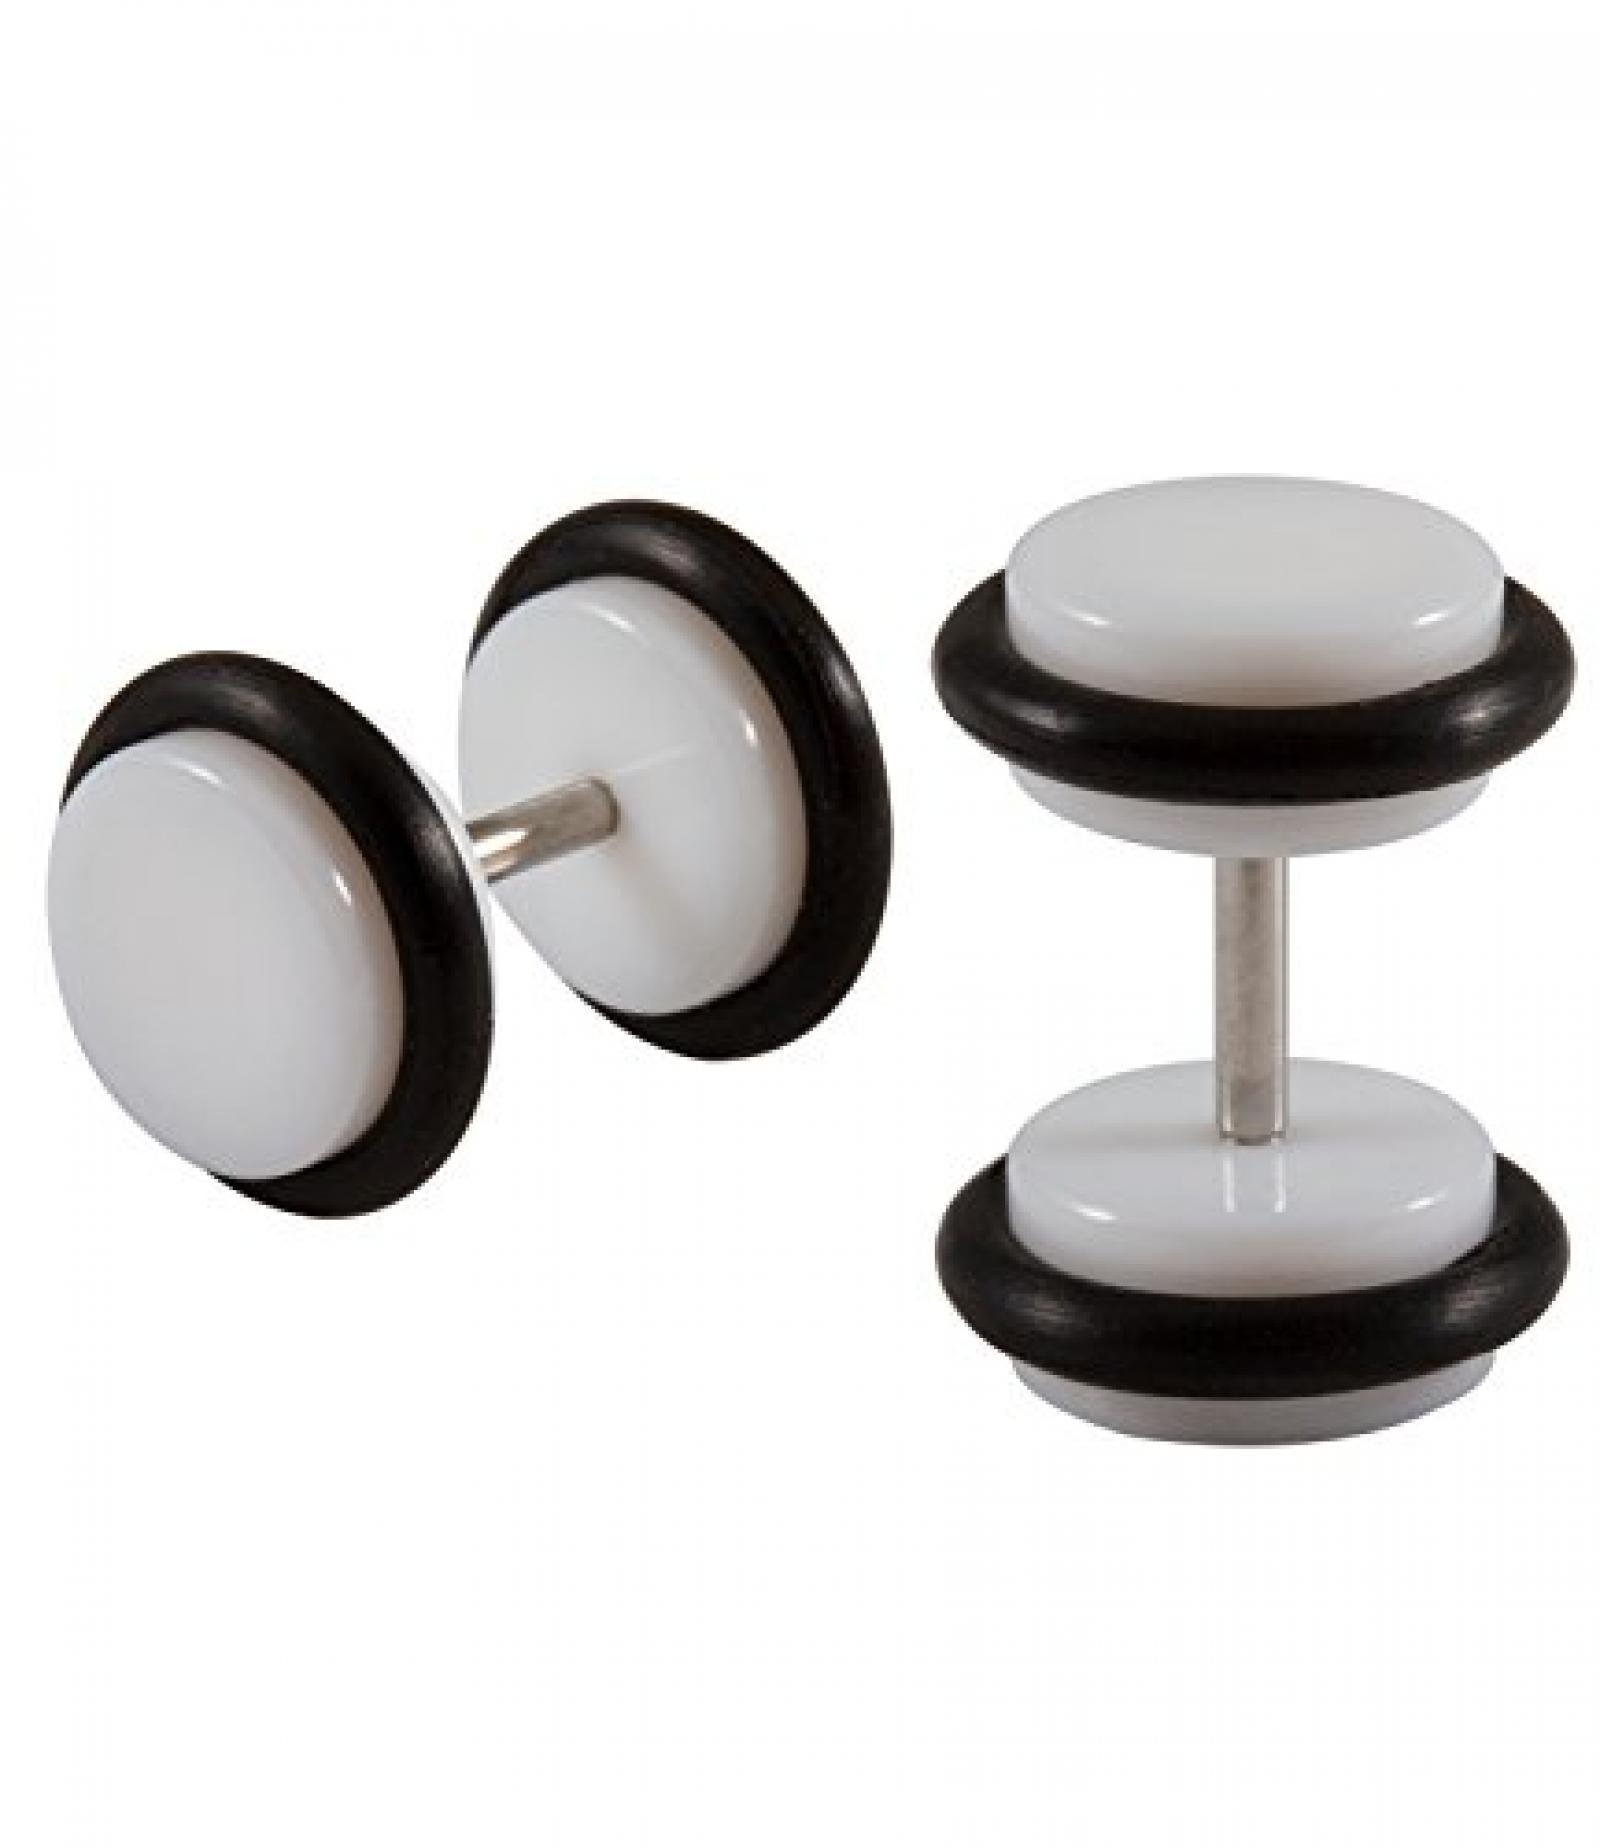 SIX MAN coole, weiße Fake Plugs mit schwarzem Gummi Rand (109-827)